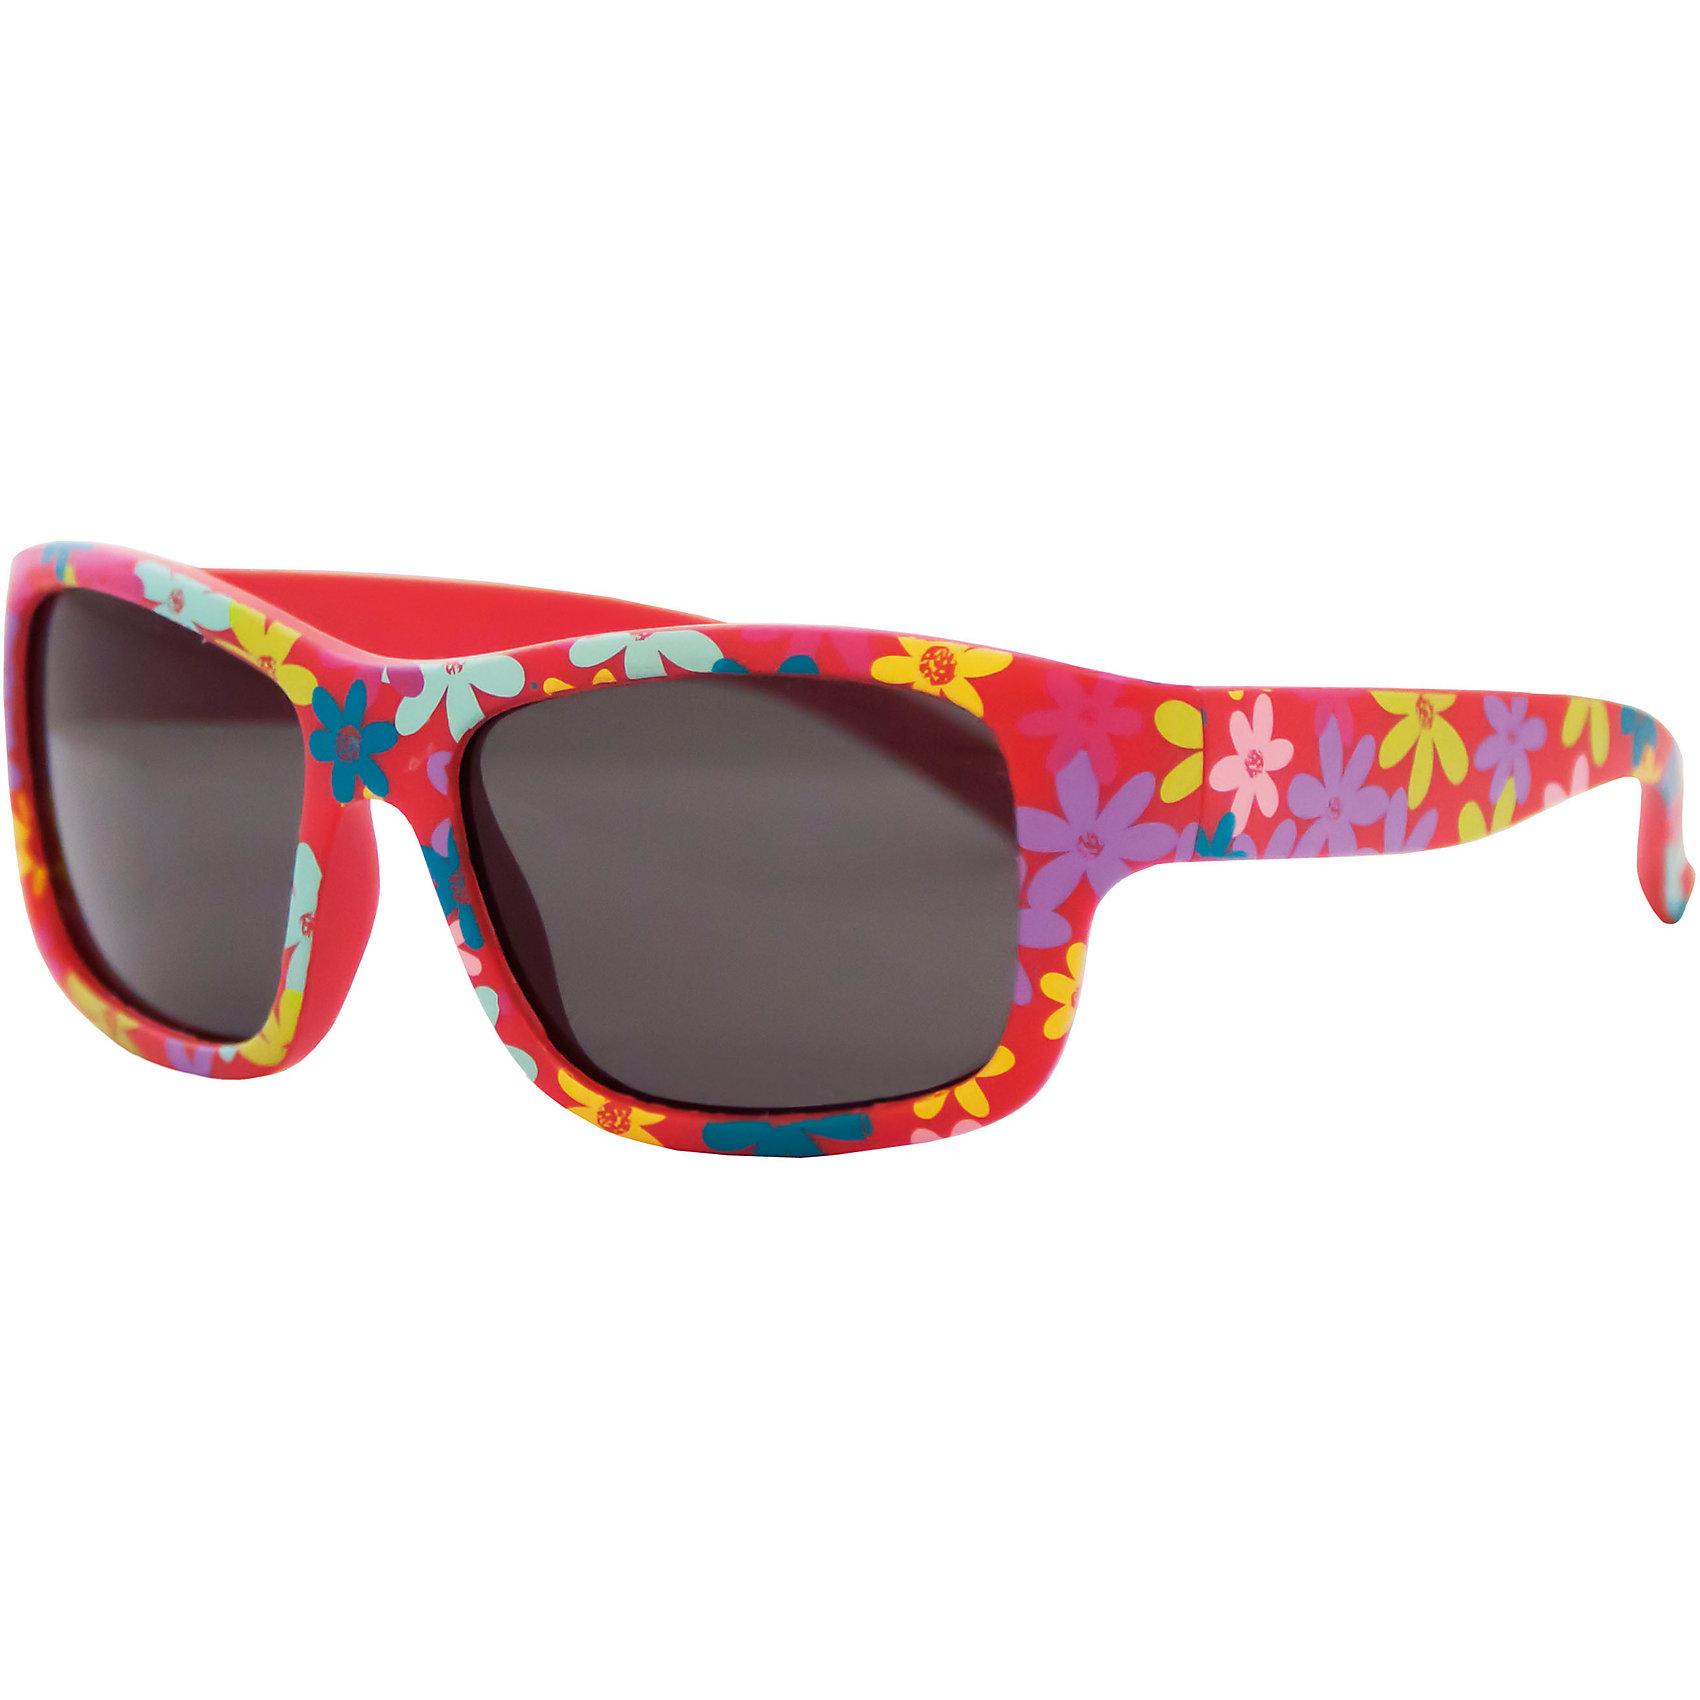 Солнцезащитные очки CaramellaКрасные солнцезащитные очки «Caramella» со стильным цветочным принтом – это ультрамодный и полезный аксессуар для маленькой модницы. Их пластиковые линзы надежно защищают глаза от коварных ультрафиолетовых лучей, особенно опасных для детских нежных хрусталиков. Удобные дужки комфортно прилегают к голове и почти не ощущаются. Аксессуар изготовлен из пластика, расстояние между дужками на внутренней части очков – 110 мм. Товар произведен в Тайване. Имеется сертификат качества и протокол испытания линз.<br><br>Ширина мм: 170<br>Глубина мм: 157<br>Высота мм: 67<br>Вес г: 118<br>Возраст от месяцев: 36<br>Возраст до месяцев: 2147483647<br>Пол: Женский<br>Возраст: Детский<br>SKU: 4738347